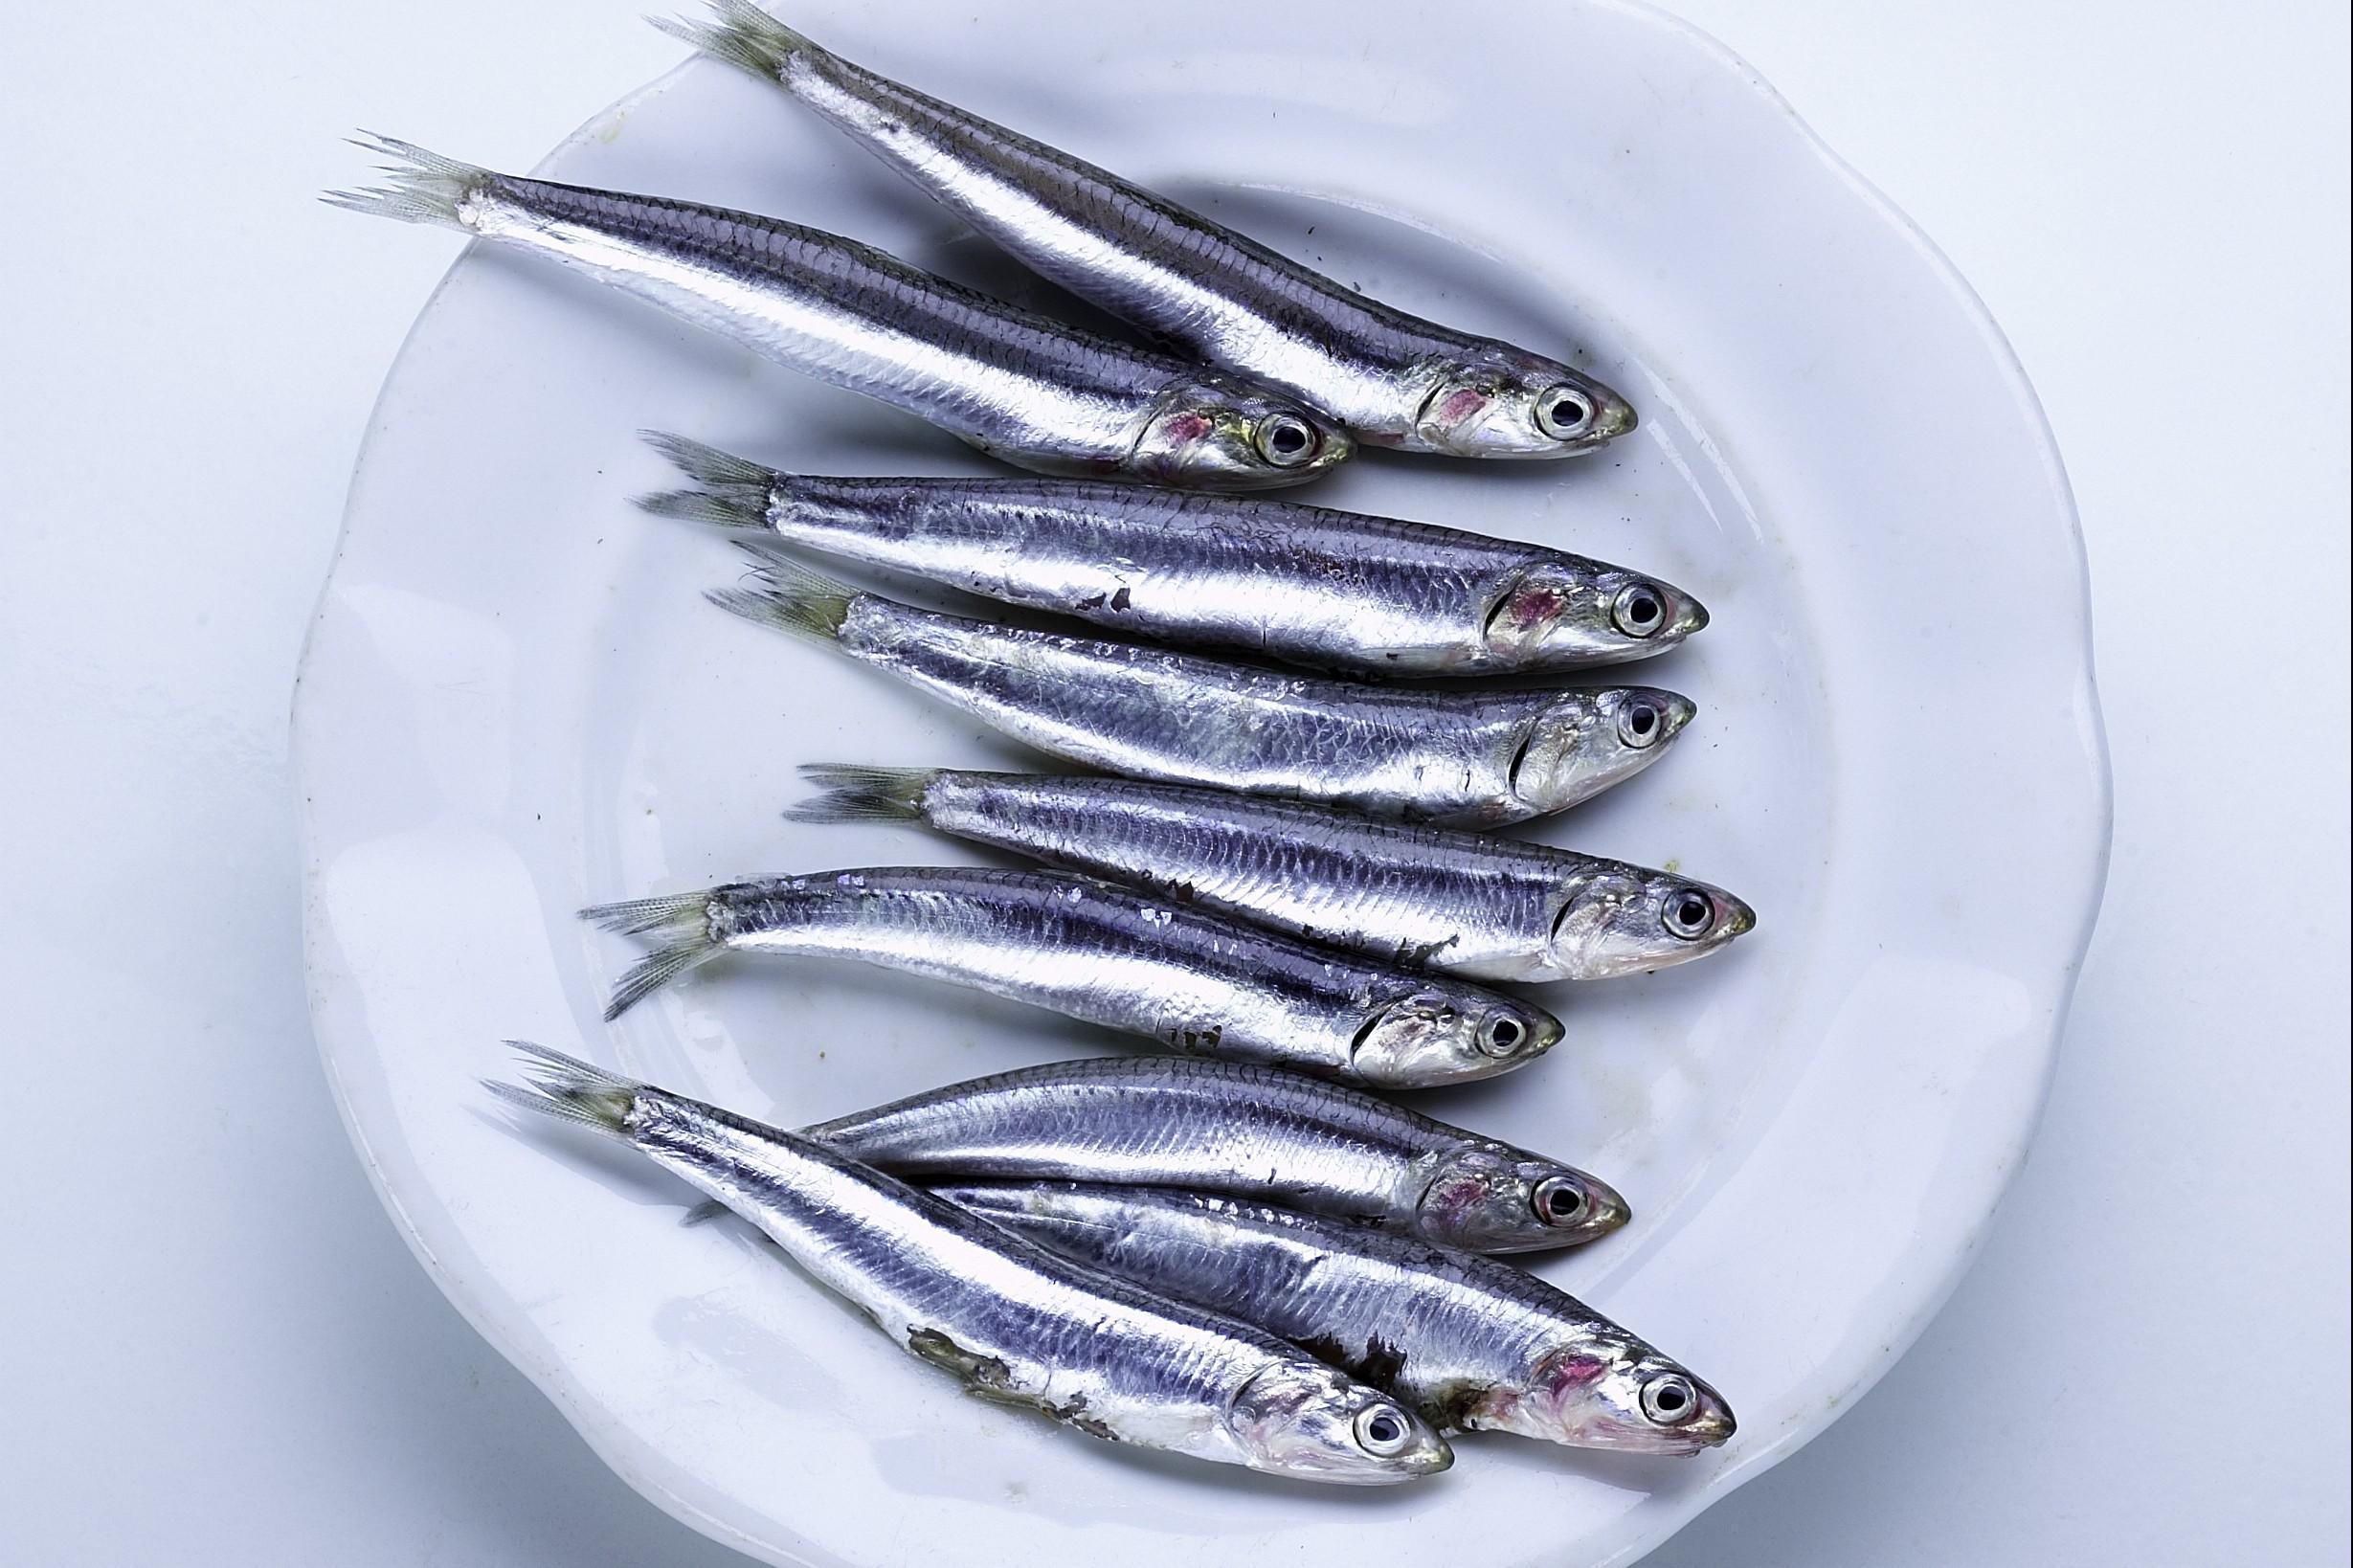 come-cucinare-il-pesce-azzurro_2e708c8dbc956ef476a3de0e8887c3f5